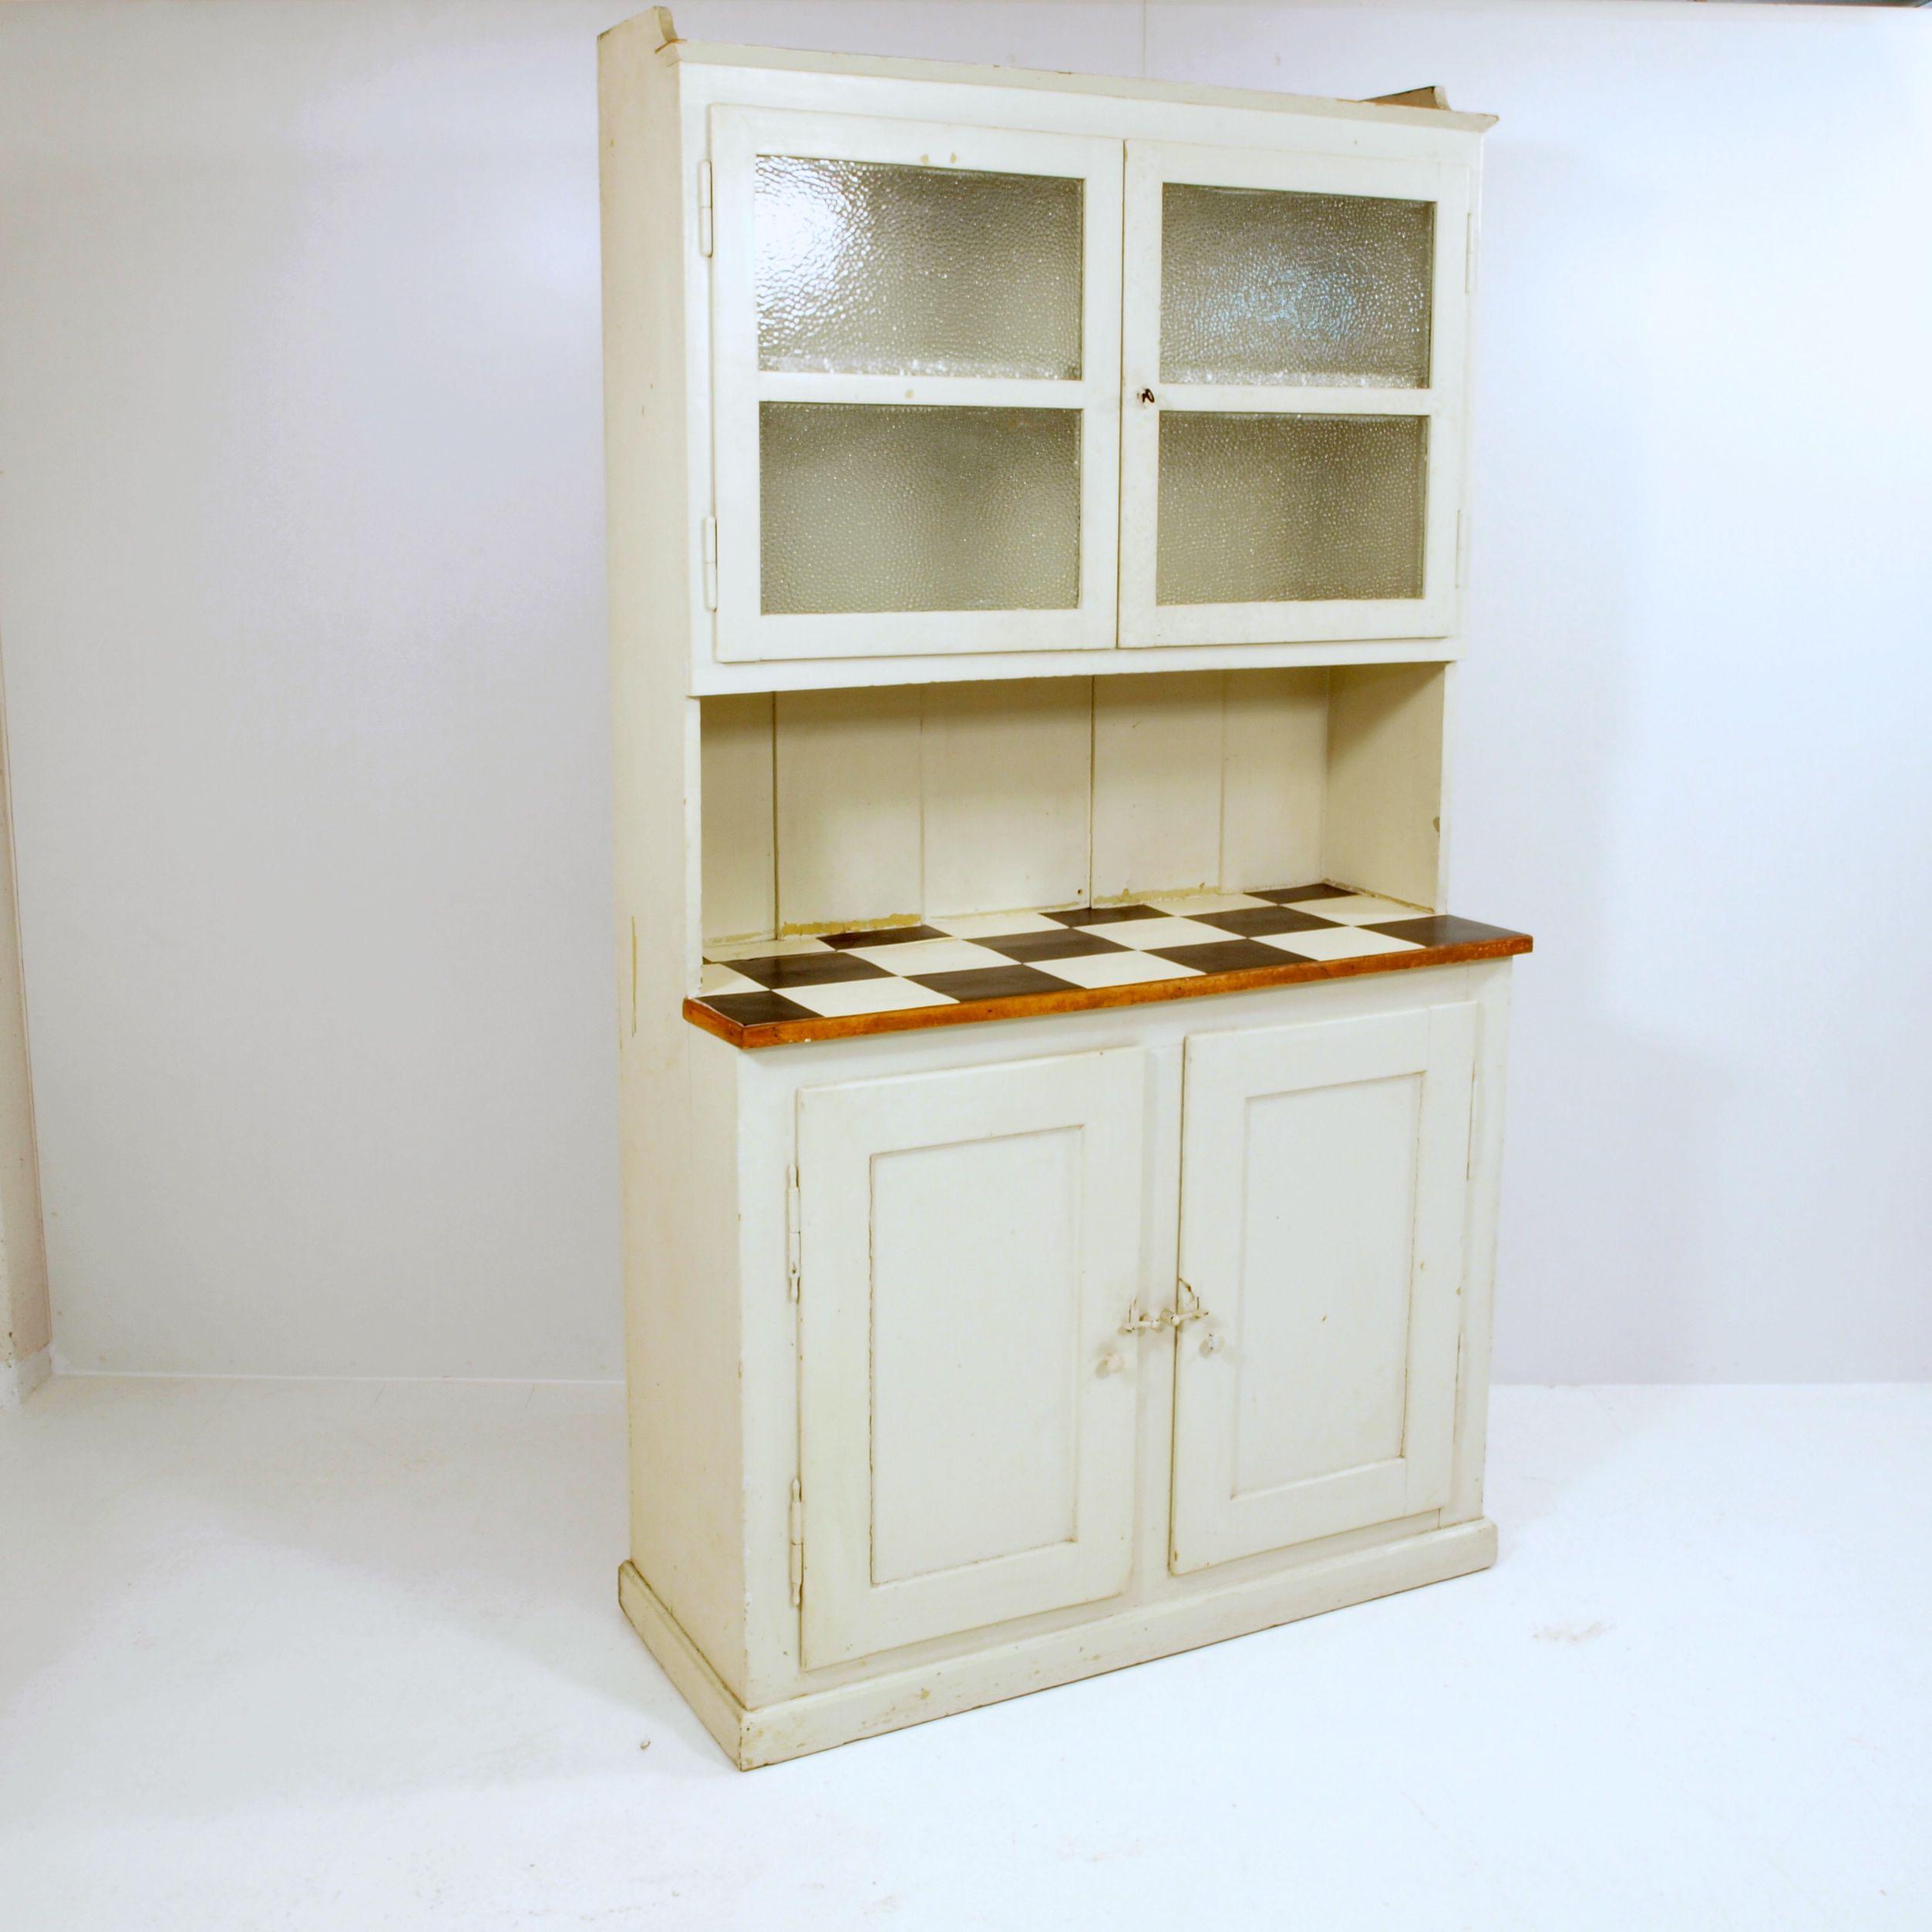 k chenbuffet 1 teilig m bel z rich vintagem bel. Black Bedroom Furniture Sets. Home Design Ideas